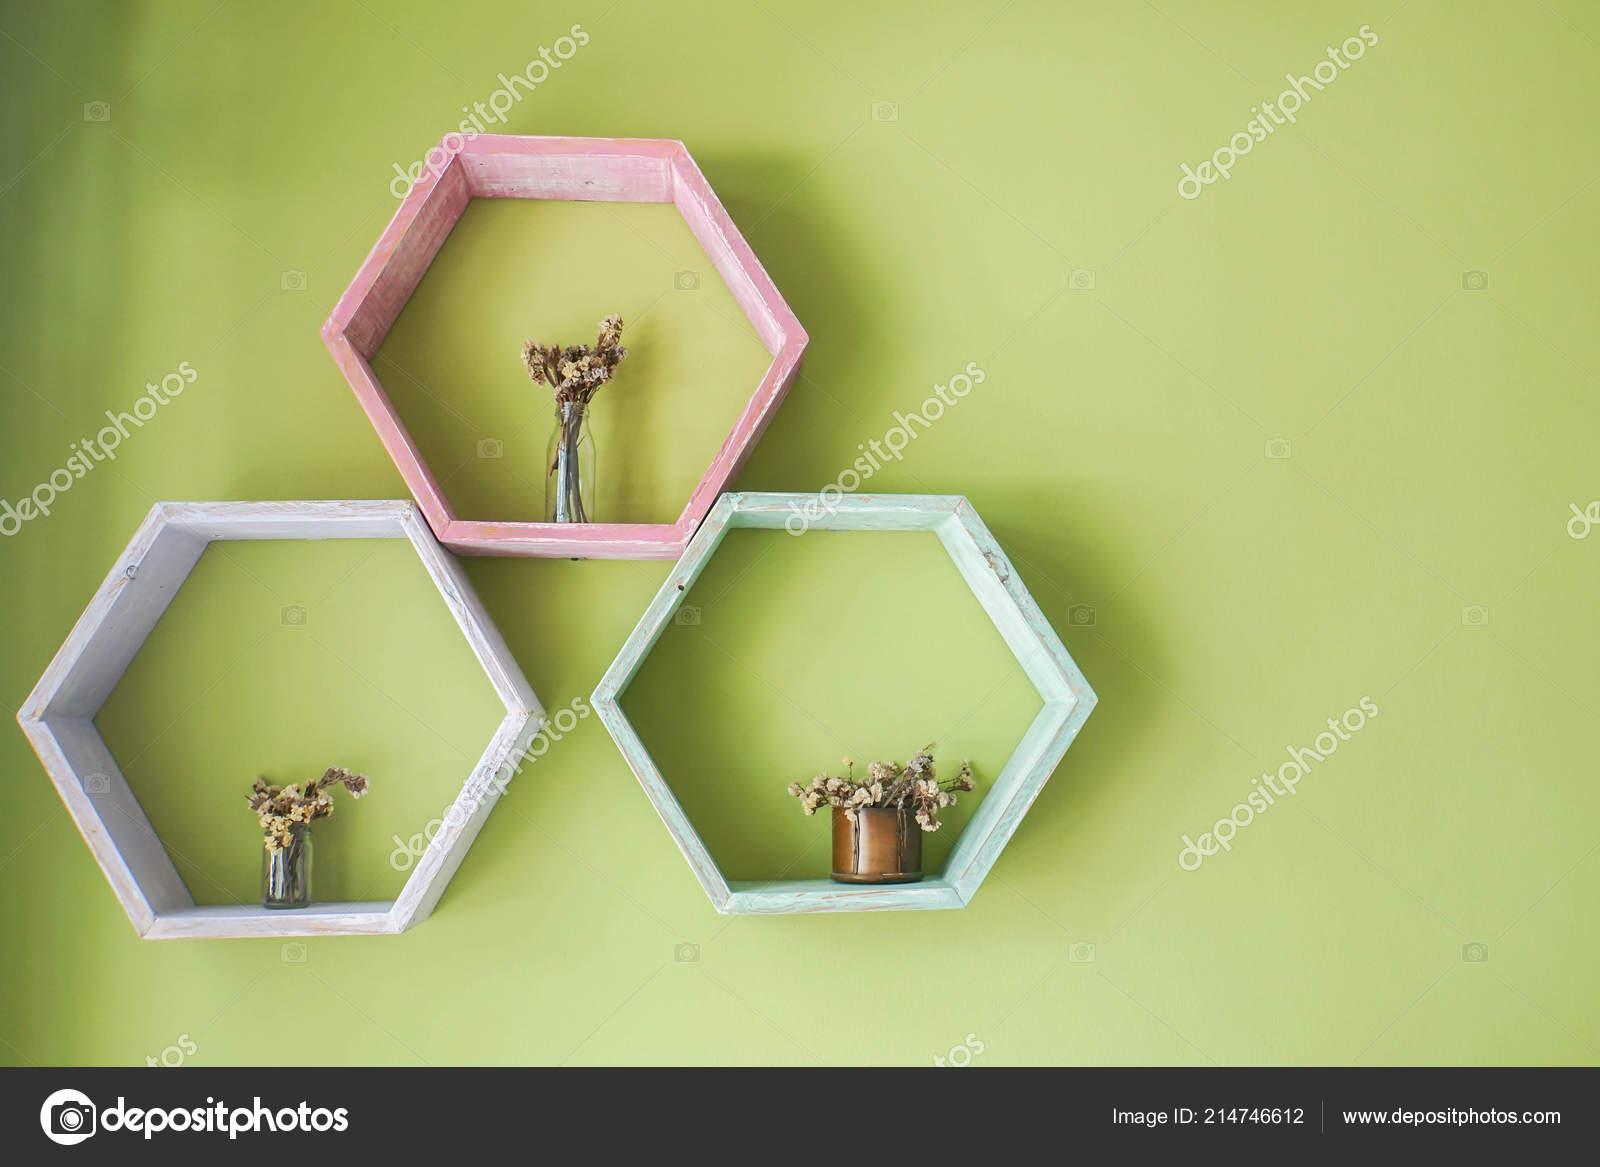 Mensole Colorate In Legno.Mensola Legno Colorato Creativo Pentagono Sulla Parete Della Casa